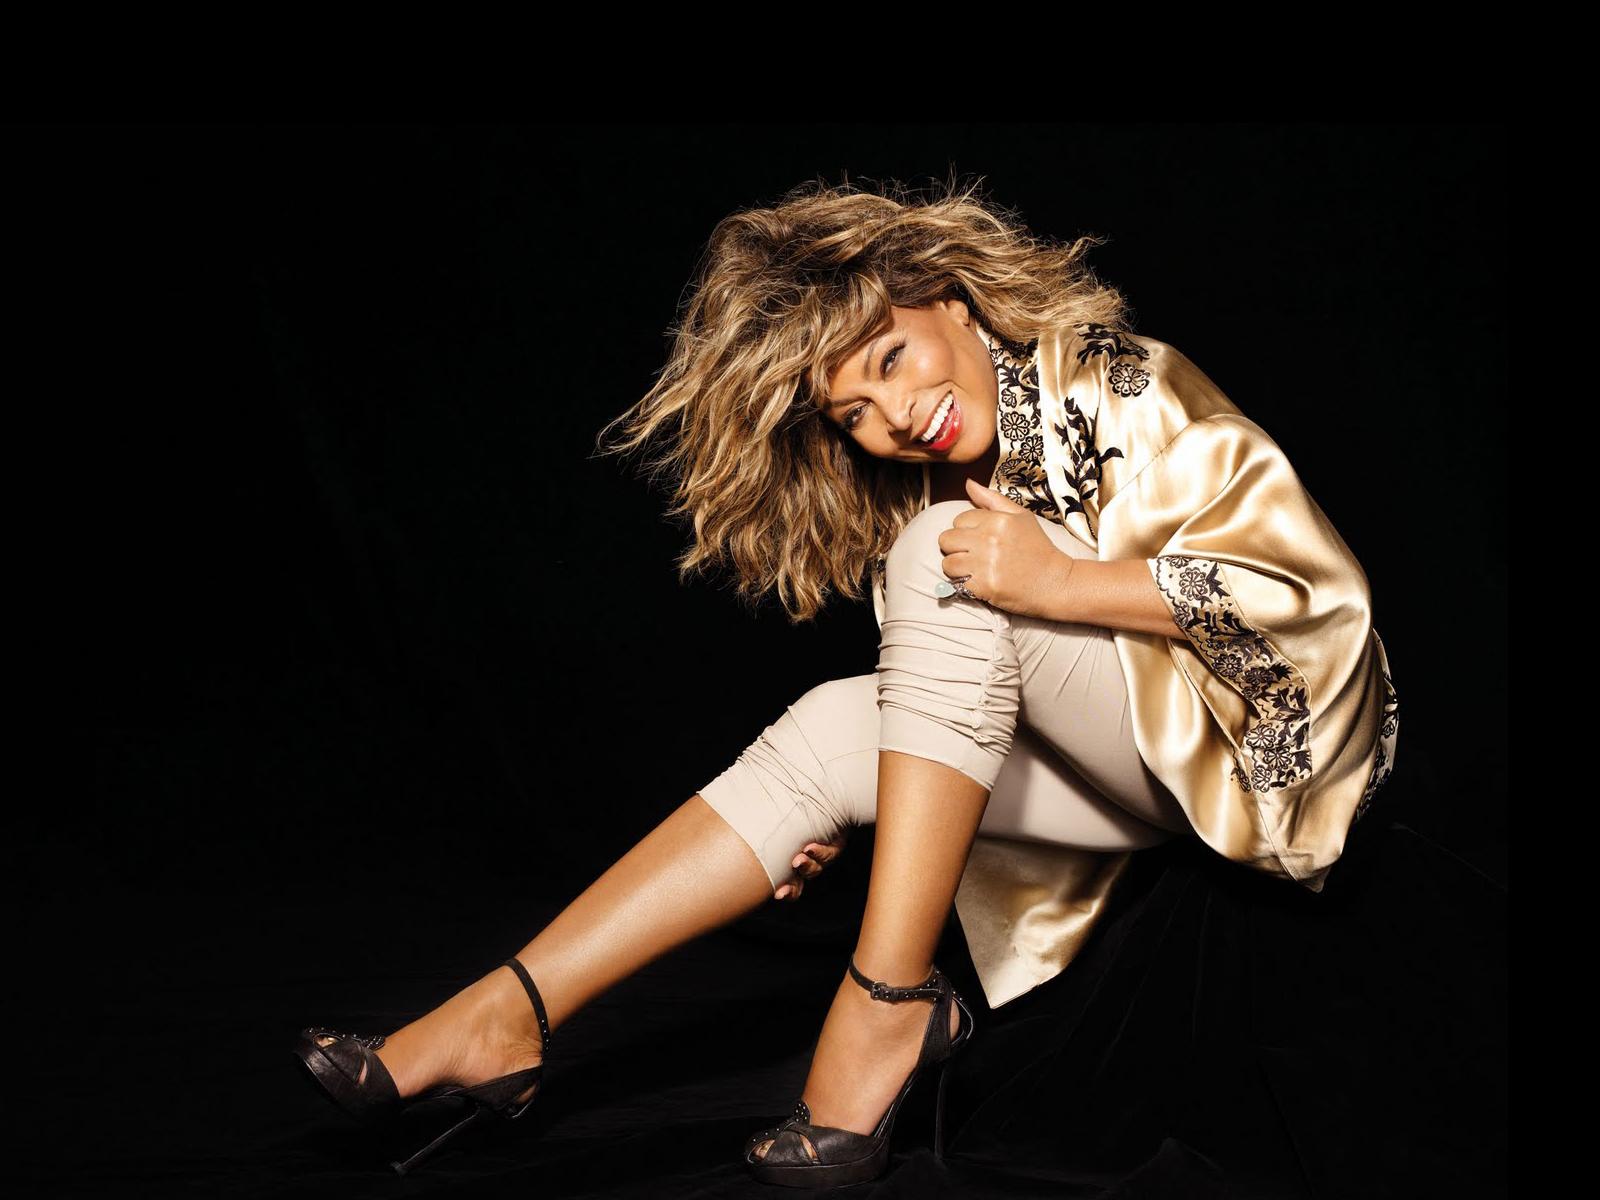 http://3.bp.blogspot.com/-598iNG5Oz1g/UN20lhuDRGI/AAAAAAAAWuk/w4U84Y7z1tc/s1600/Tina-Turner-004a.jpg